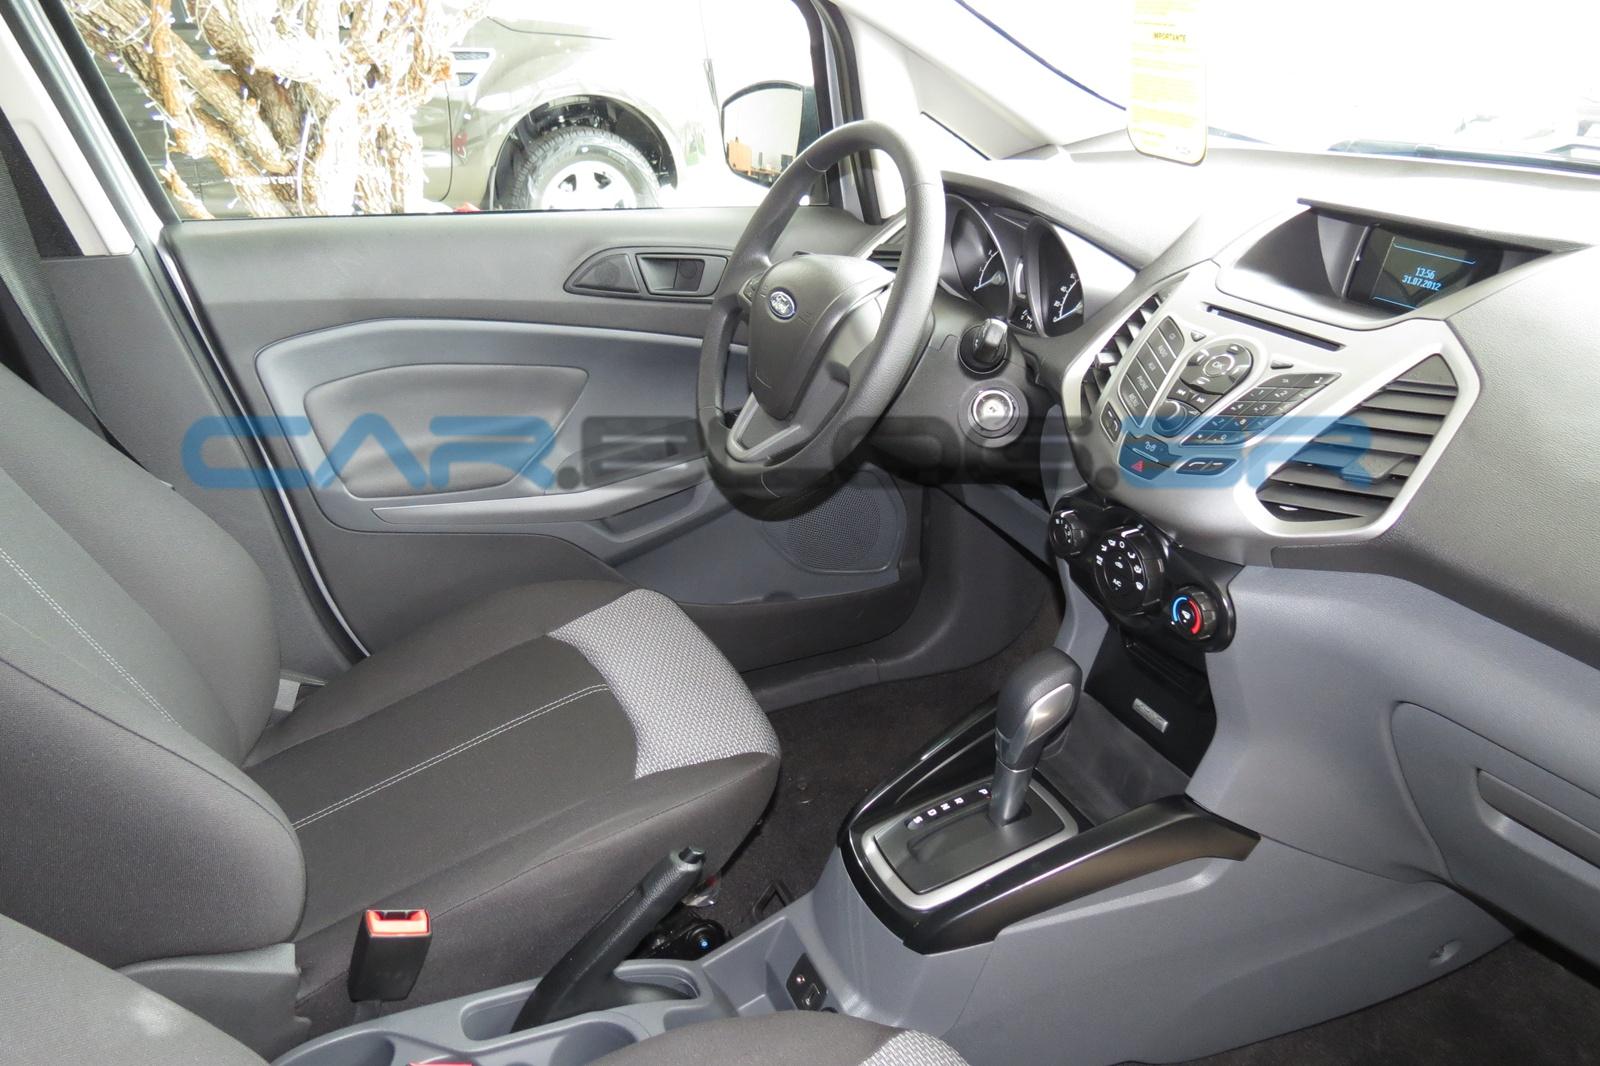 Ford Ecosport Autom 225 Tica Fotos Pre 231 Os E Especifica 231 245 Es